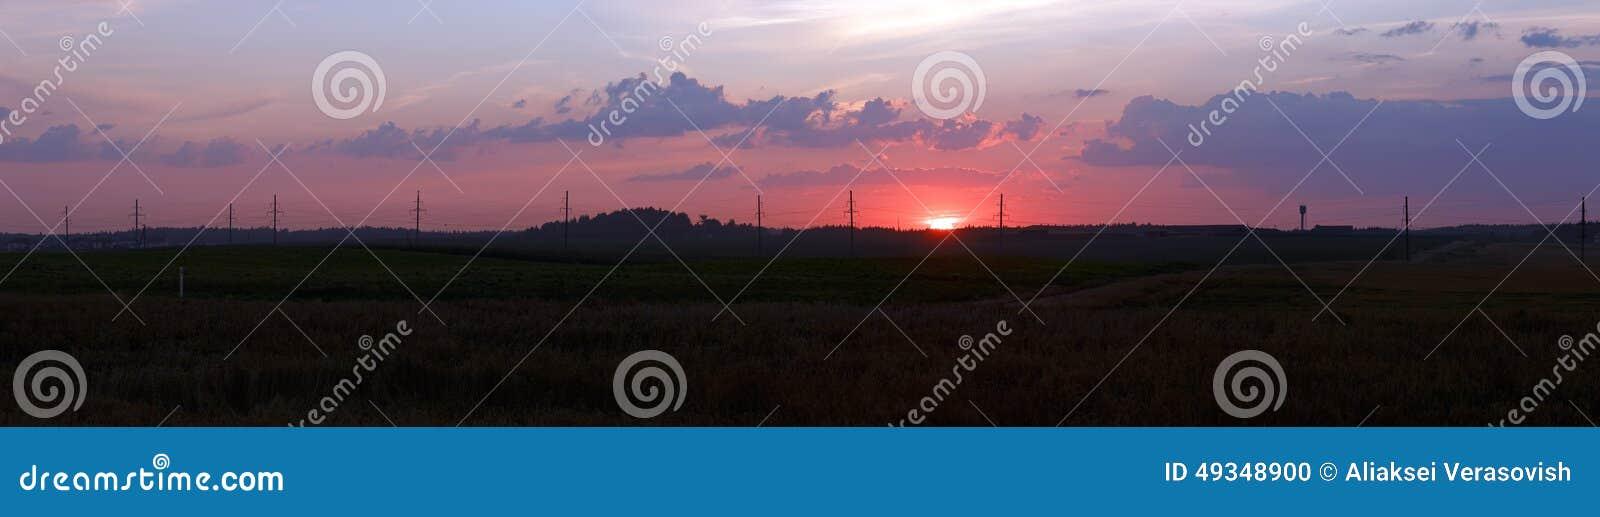 Paisaje rural en la puesta del sol